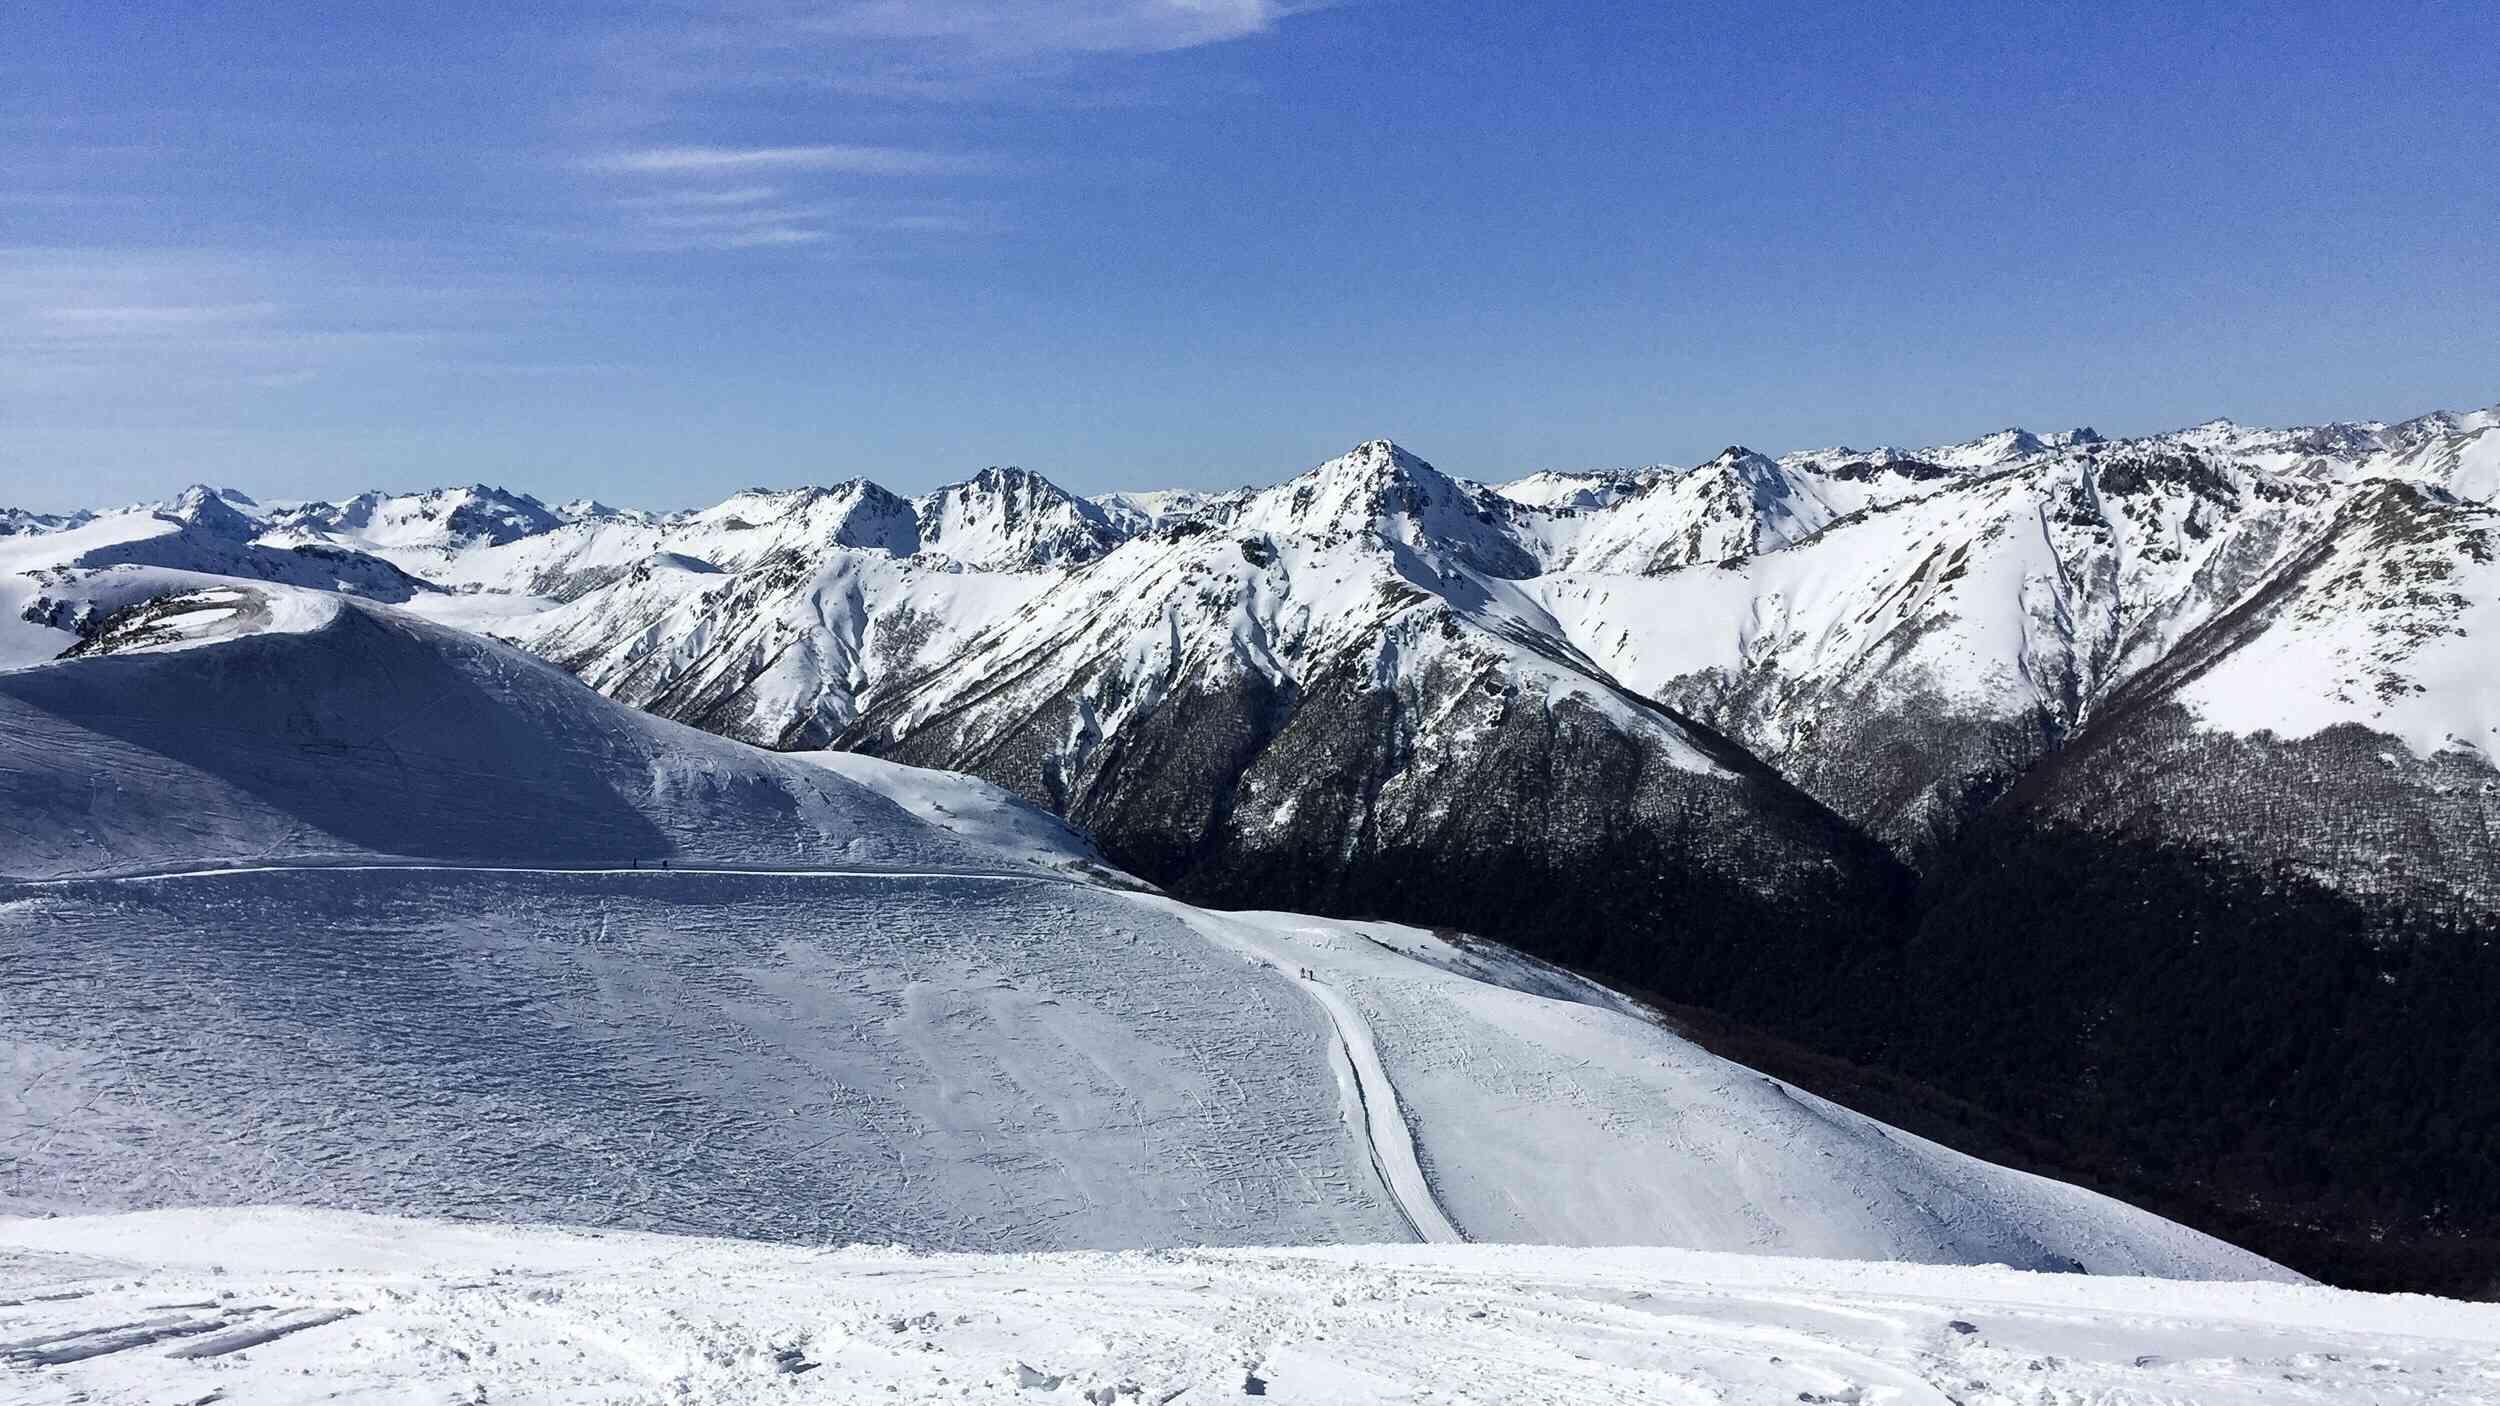 Montañas nevadas contra el cielo azul claro en Villa La Angostura